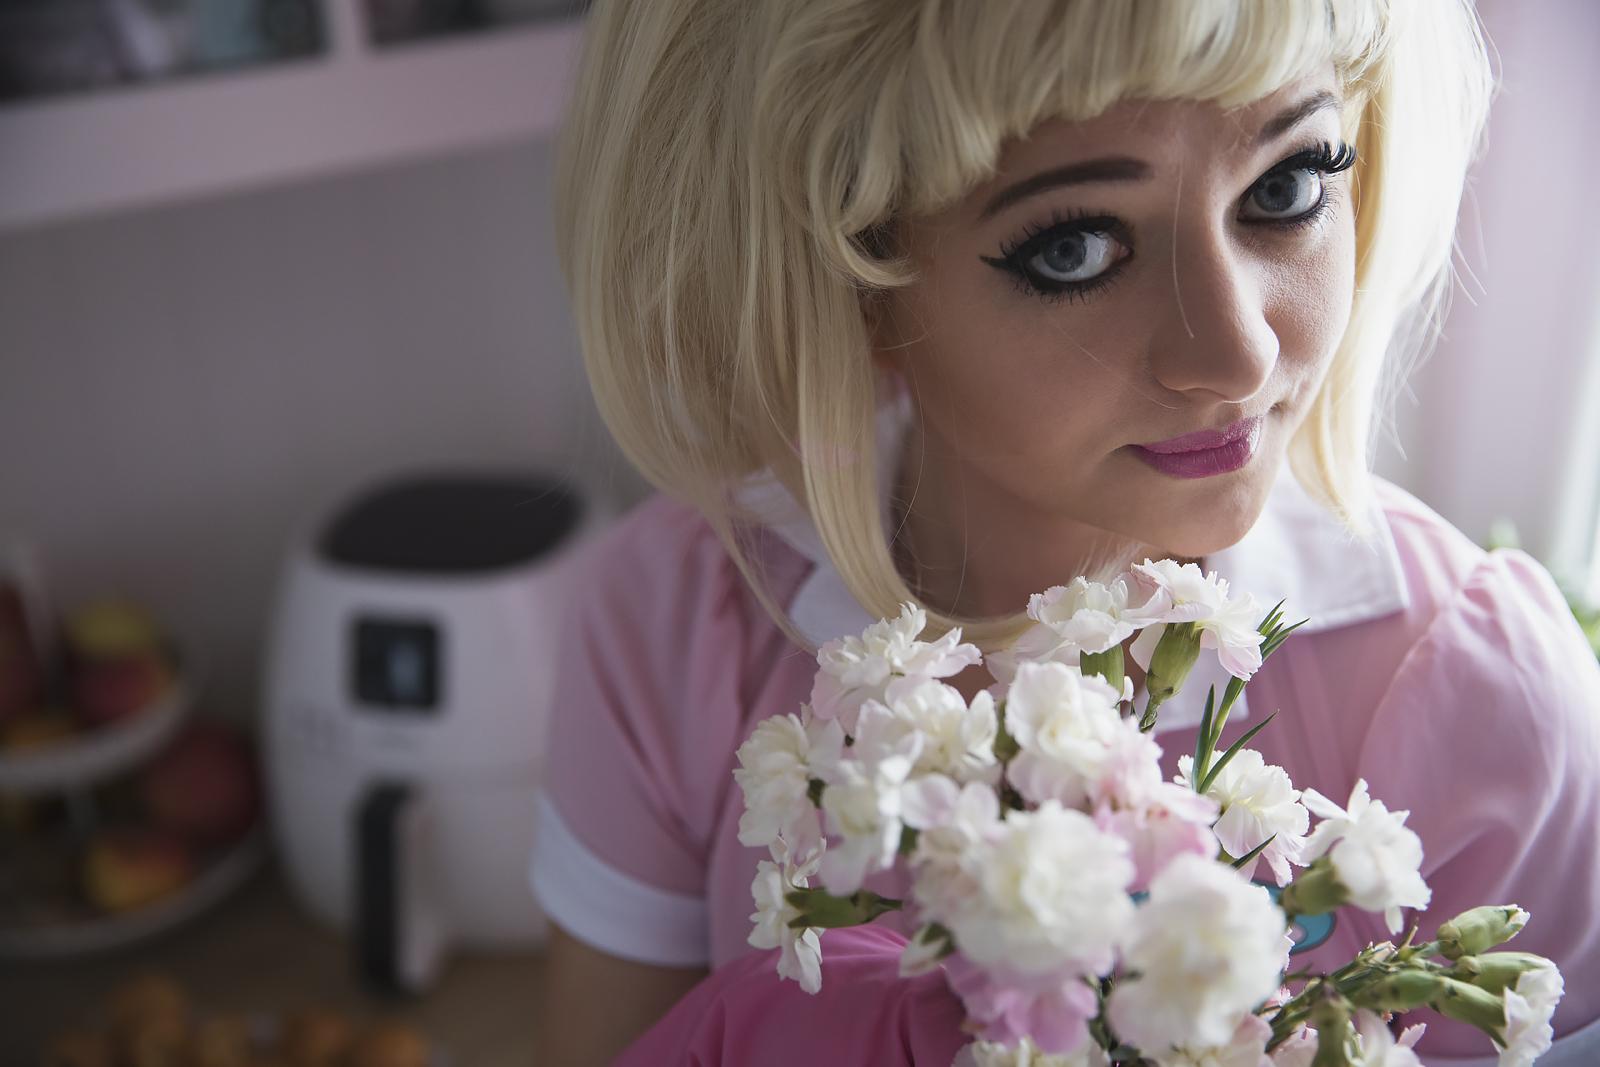 pin-up-girl-retro-blondynka-morning-fresh11